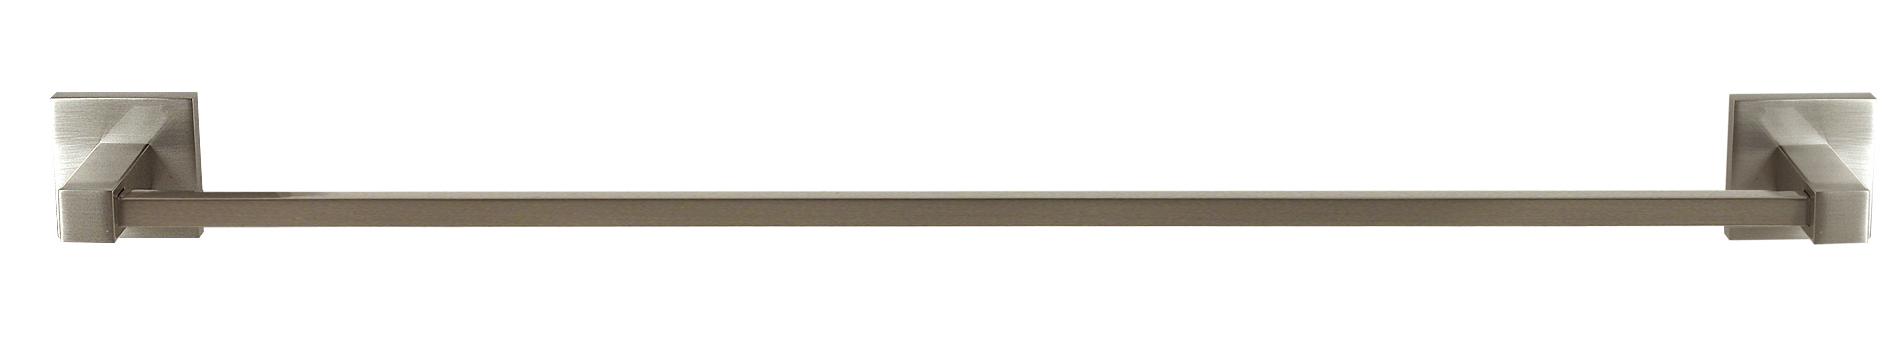 /Aluminio 6061/anti Choque Senderismo//Bastones de senderismo//trekking trail Interior Locker /2/Pack/ Productos Alston/